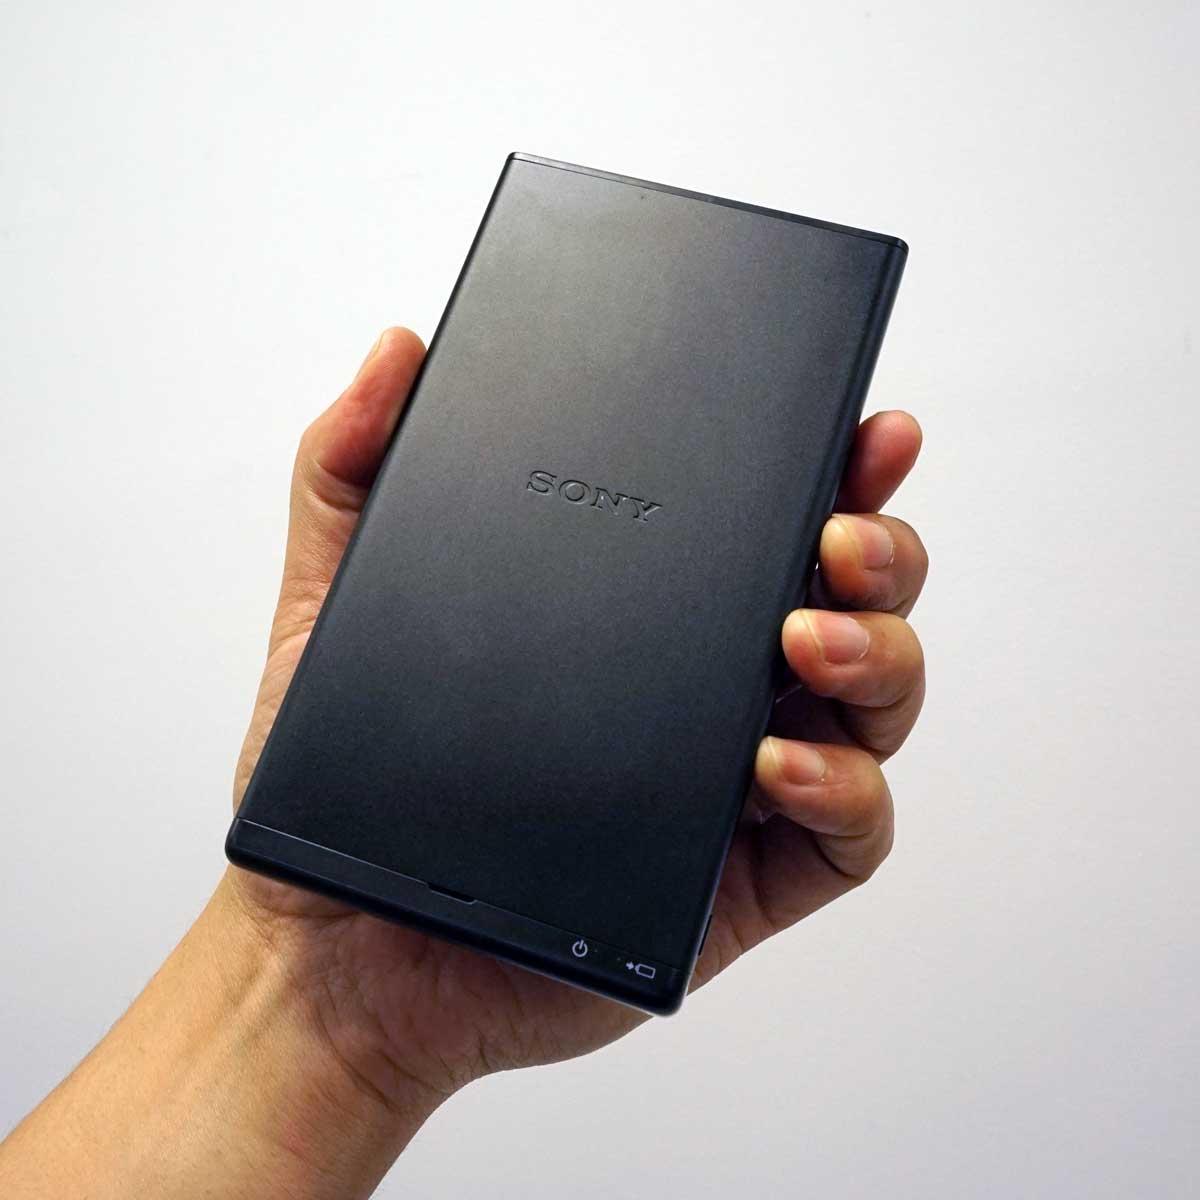 ソニーのスマホサイズのバッテリー内蔵モバイルプロジェクター「MP-CD1」速攻レビュー